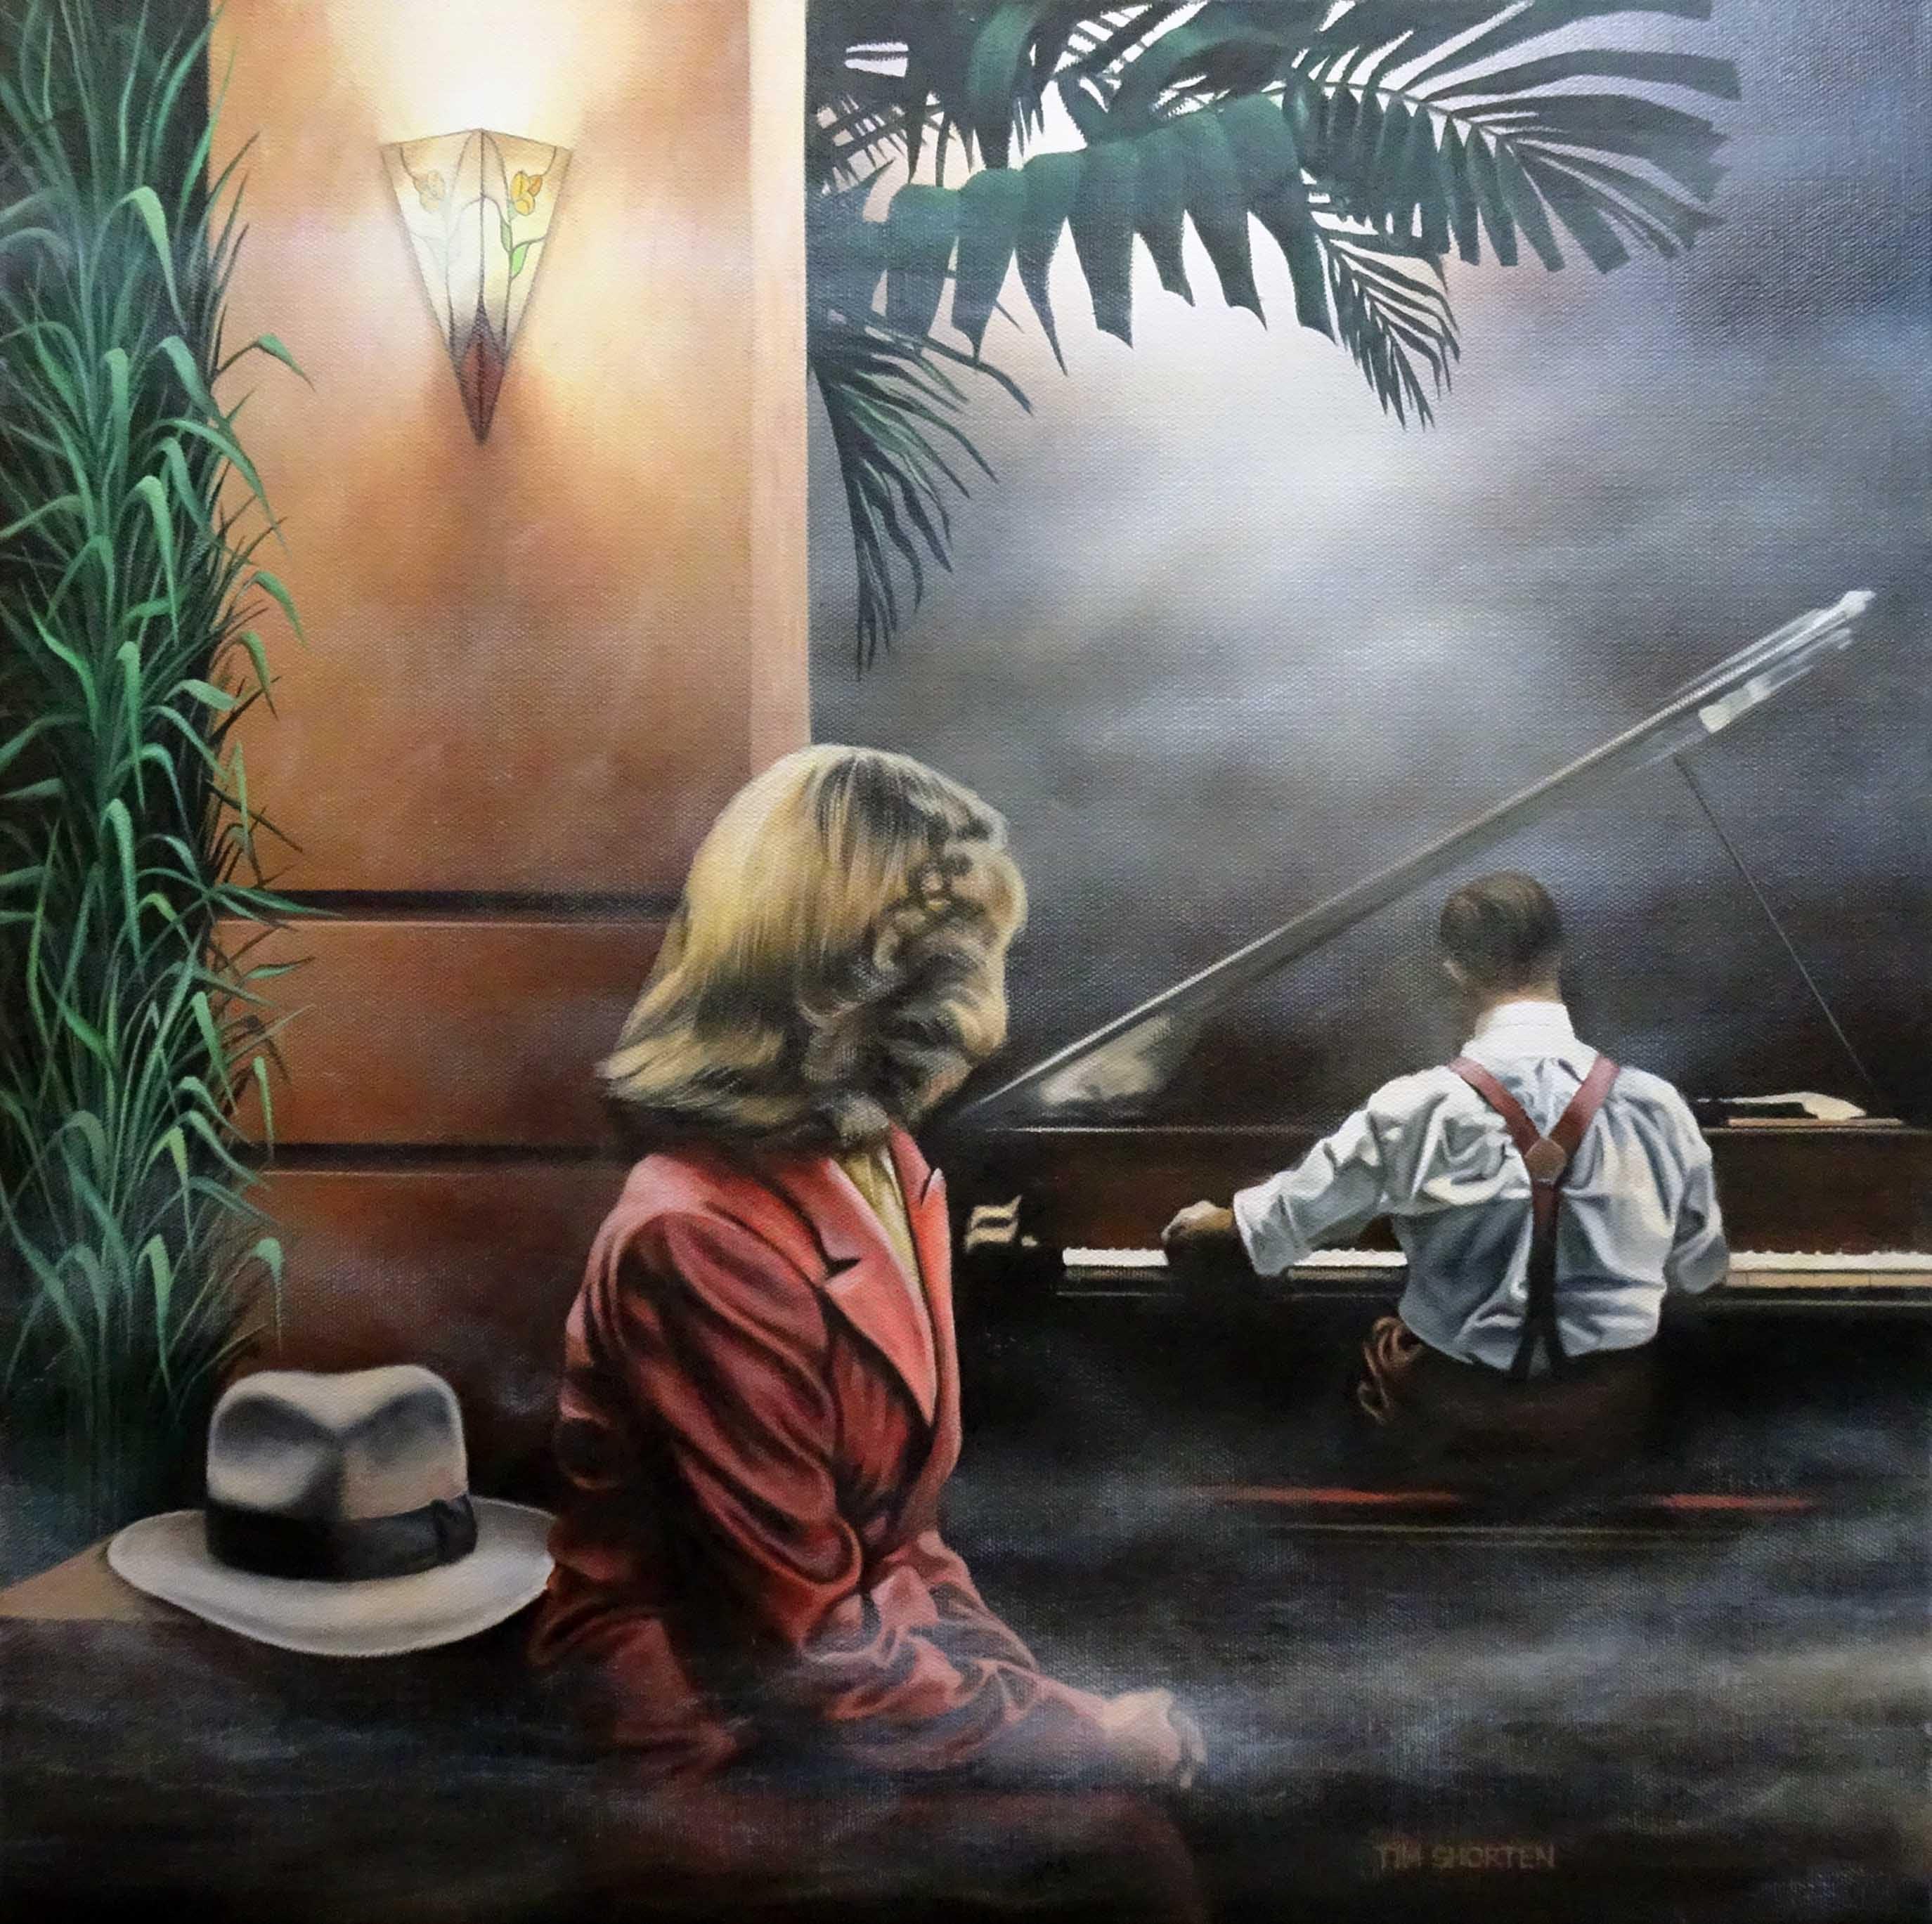 Tim Shorten Hotel pianist